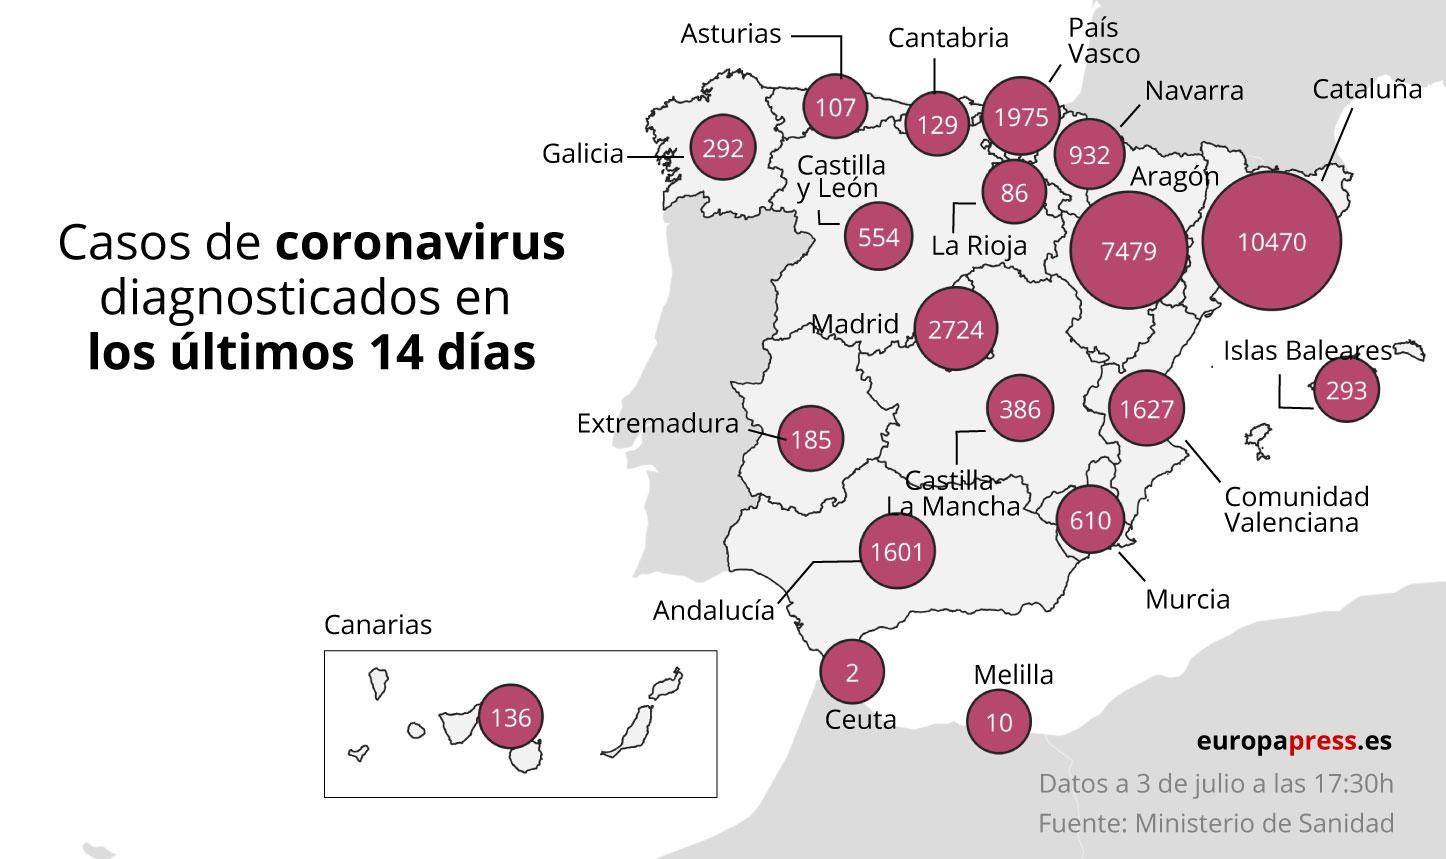 Mapa con casos de coronavirus diagnosticados en los últimos 14 dáis